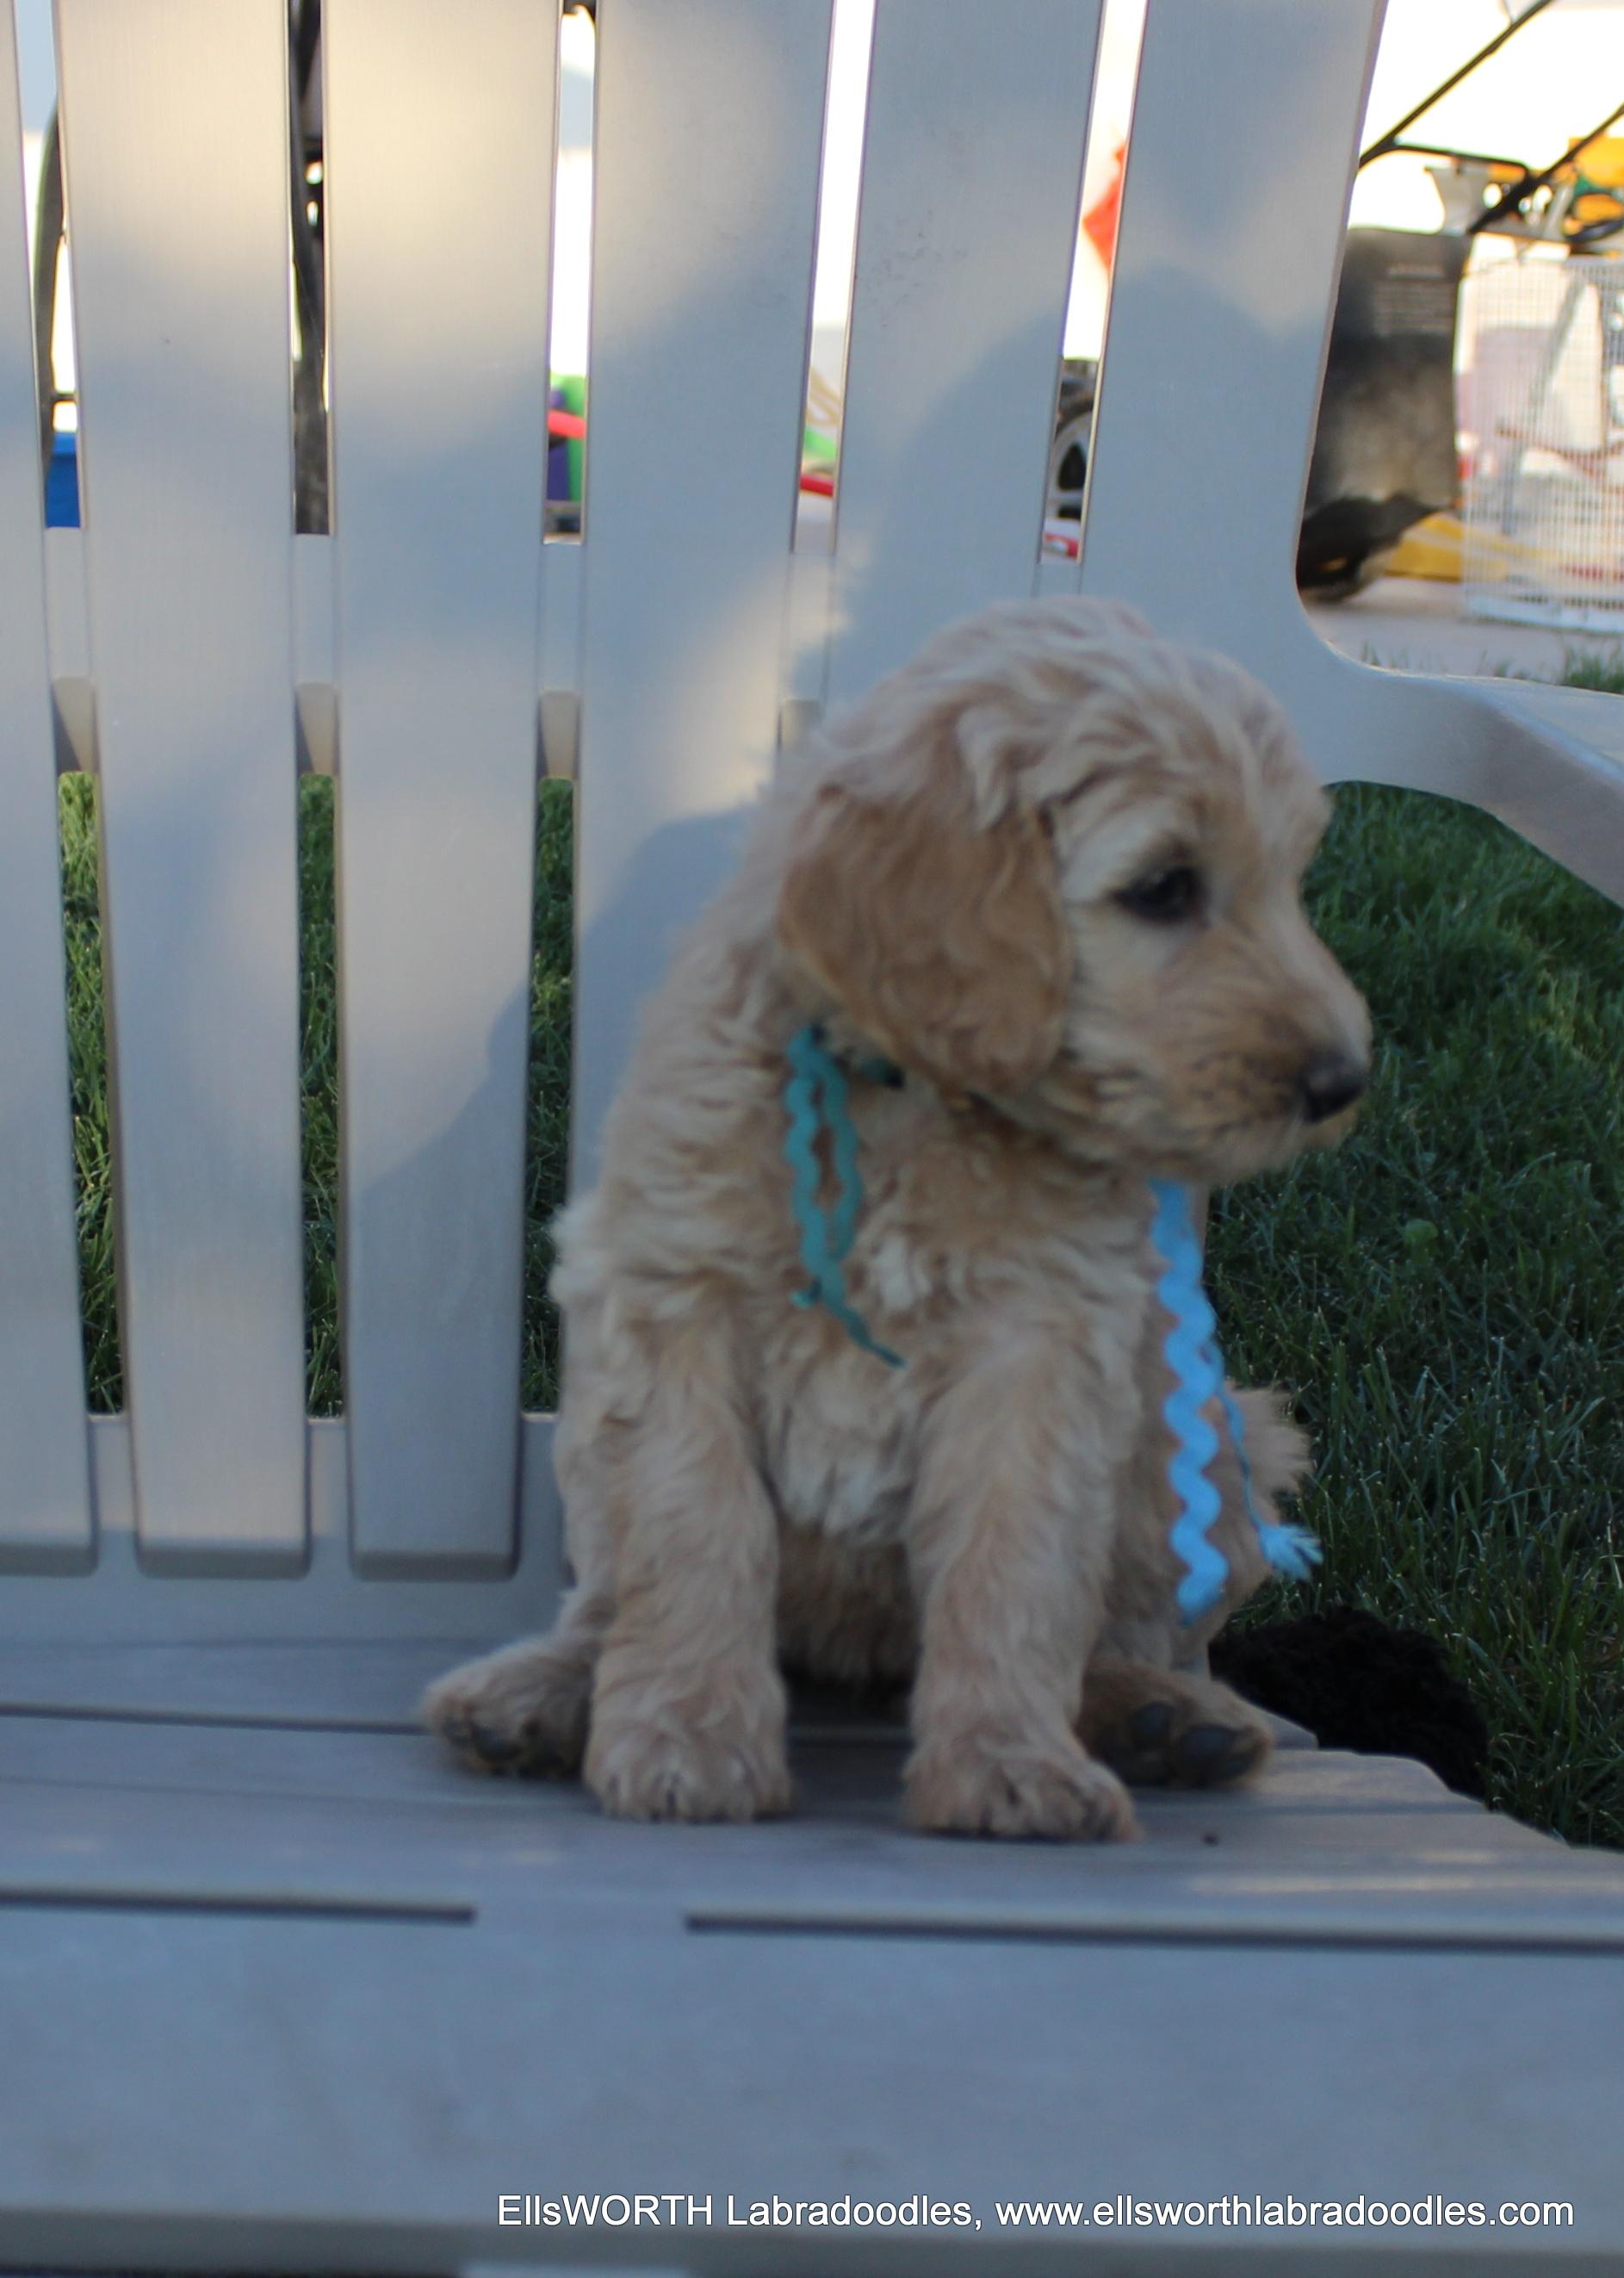 6 weeks old weighs 6.1 lbs